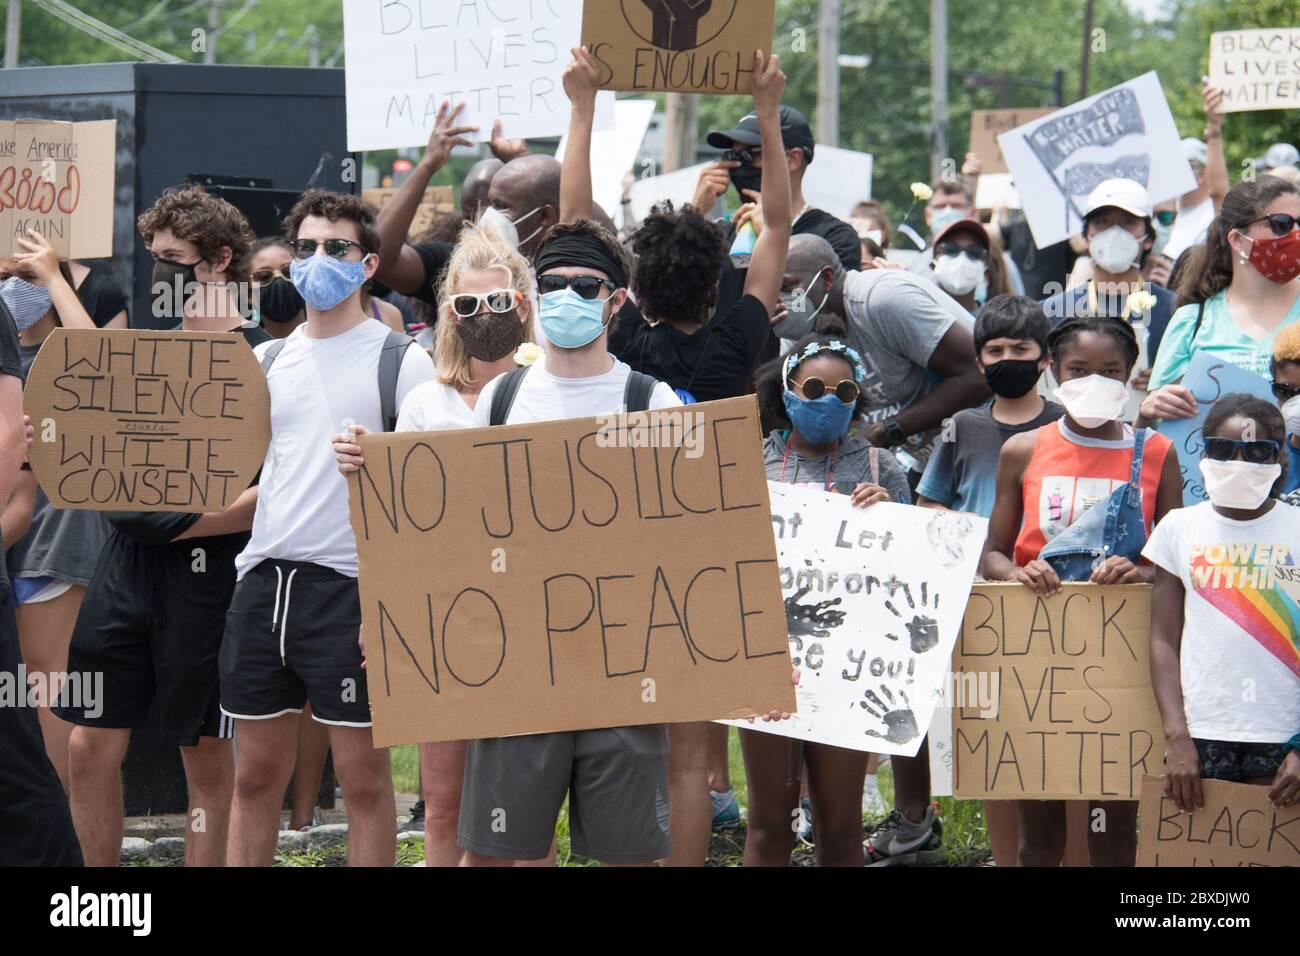 06 giugno 2020 - Newtown, Pennsylvania, USA - BLM, Black Lives, protesta, protesta dopo l'assassinio di George Floyd a Minneapolis. Foto Stock